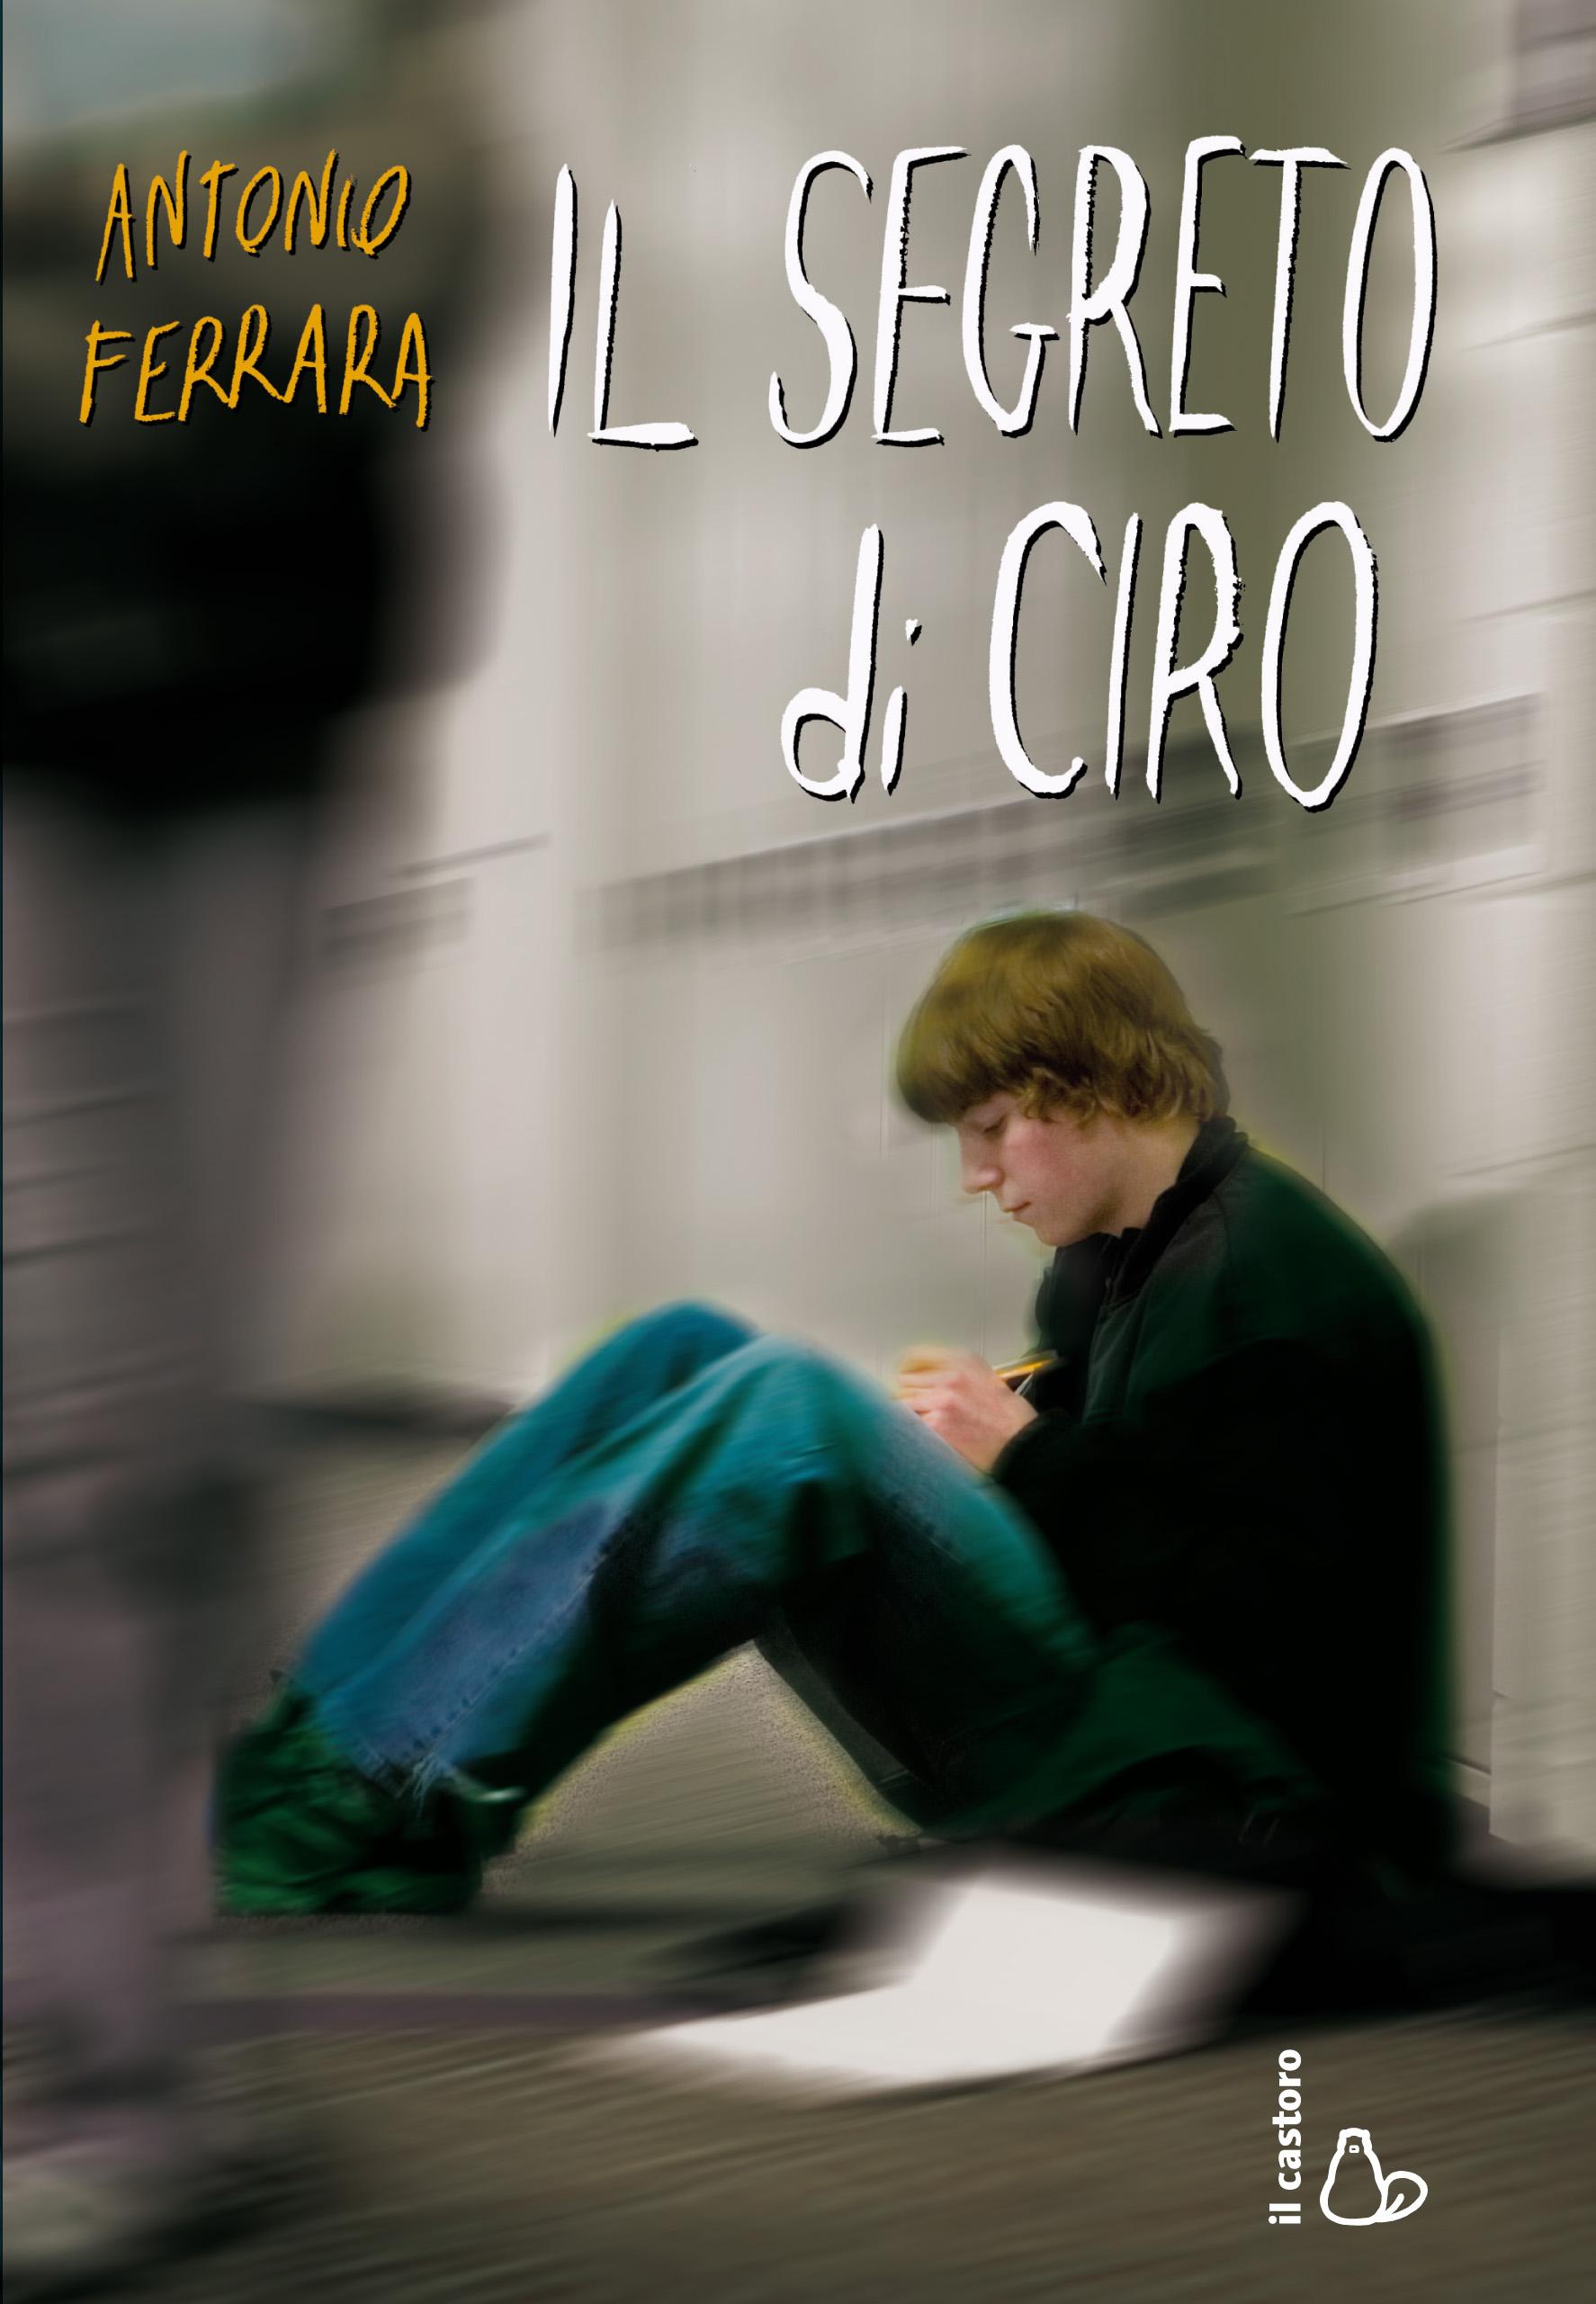 More about Il segreto di Ciro